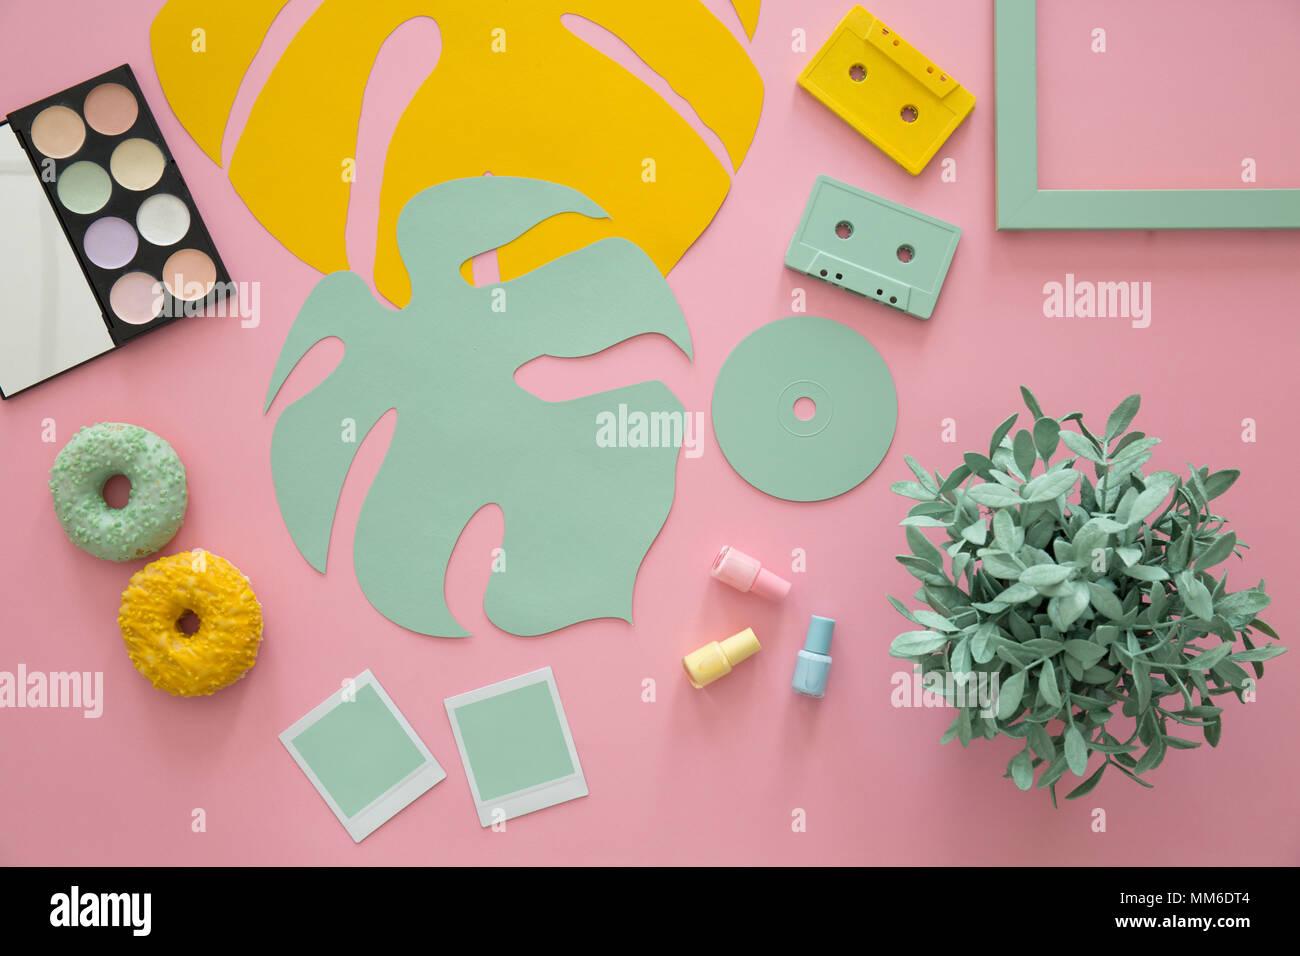 Perfecto Uñas De Color Rosa Con La Imagen Arcos Festooning - Ideas ...